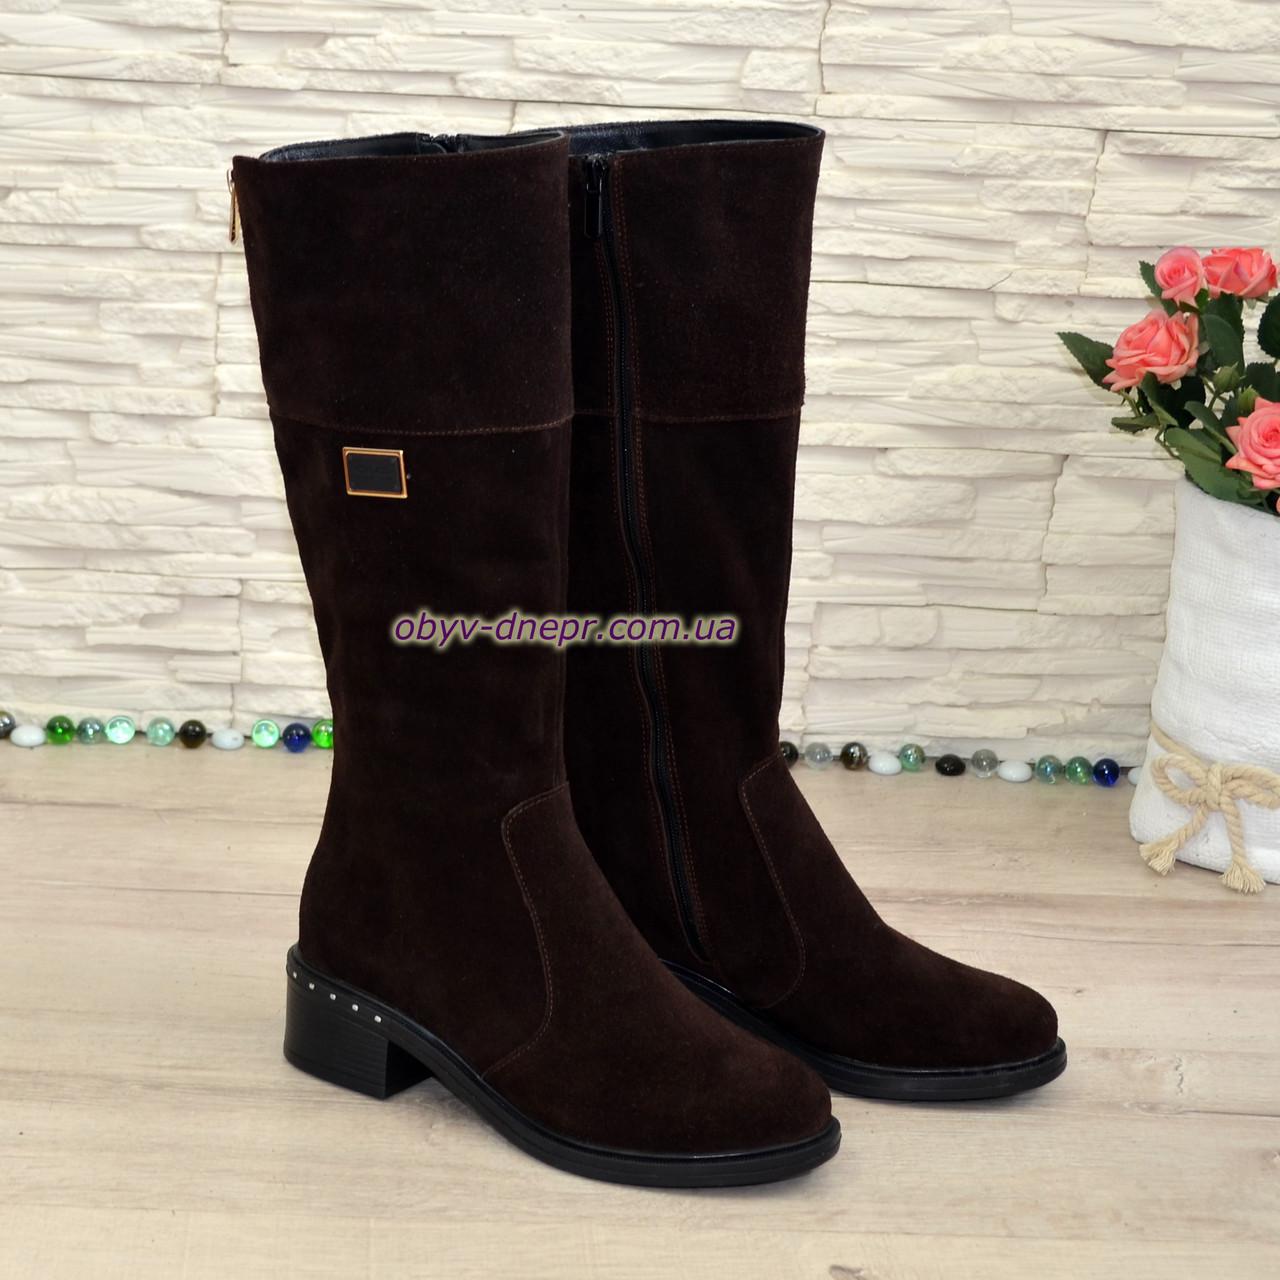 Сапоги замшевые женские демисезонные на невысоком каблуке, цвет коричневый